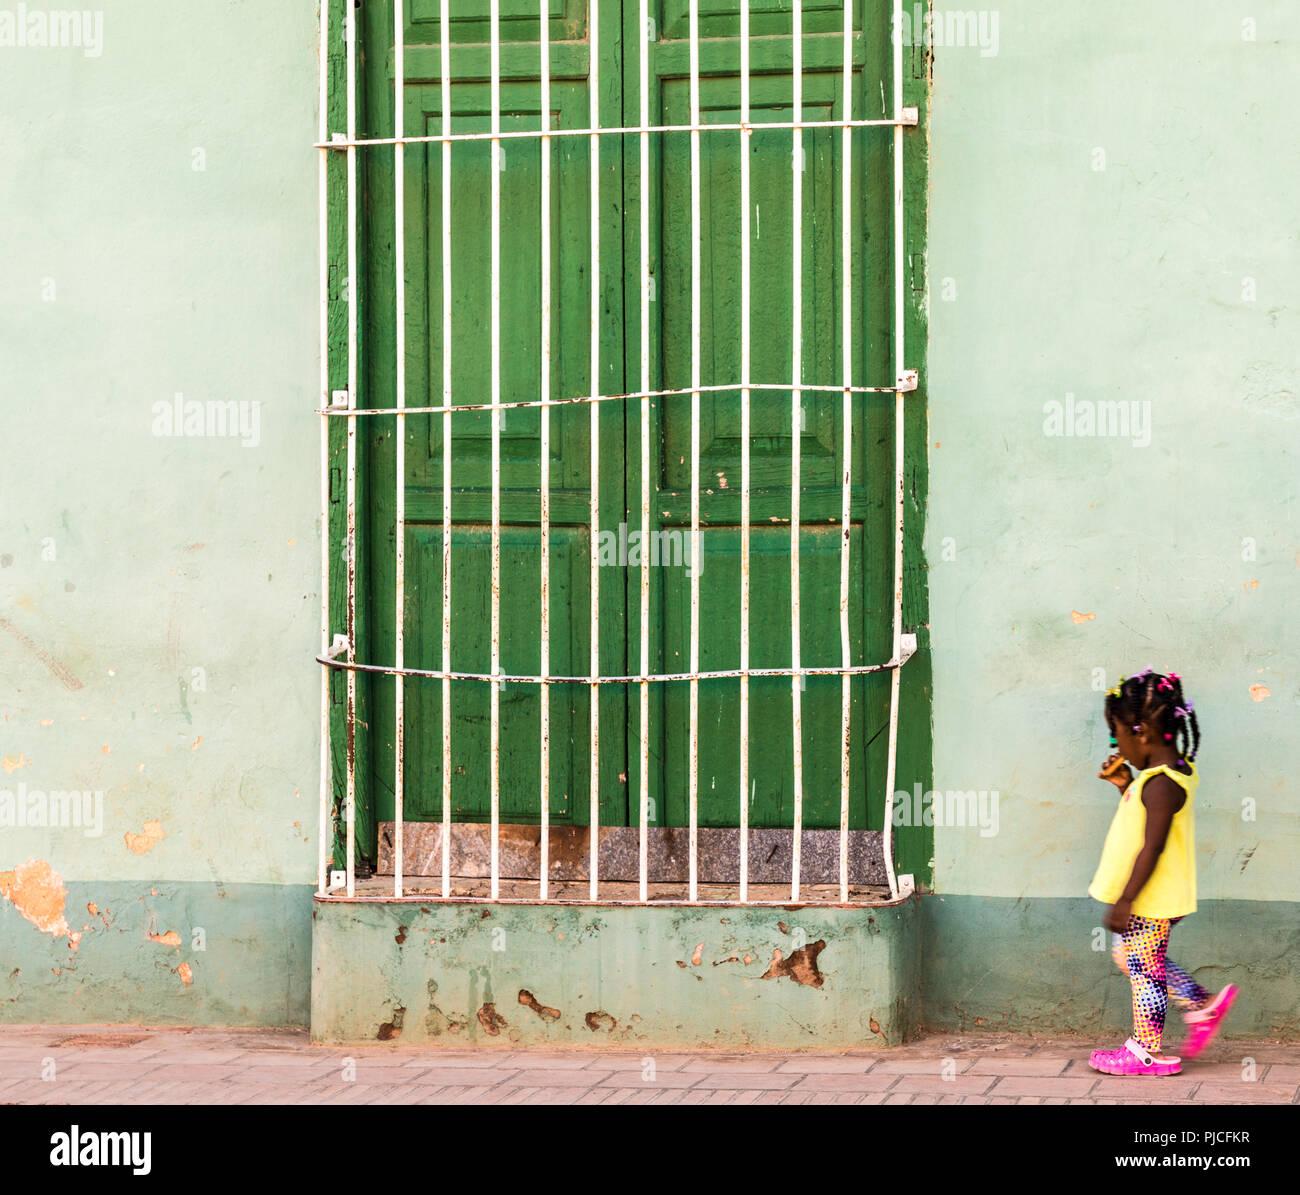 Una vista típica de Trinidad en Cuba Imagen De Stock